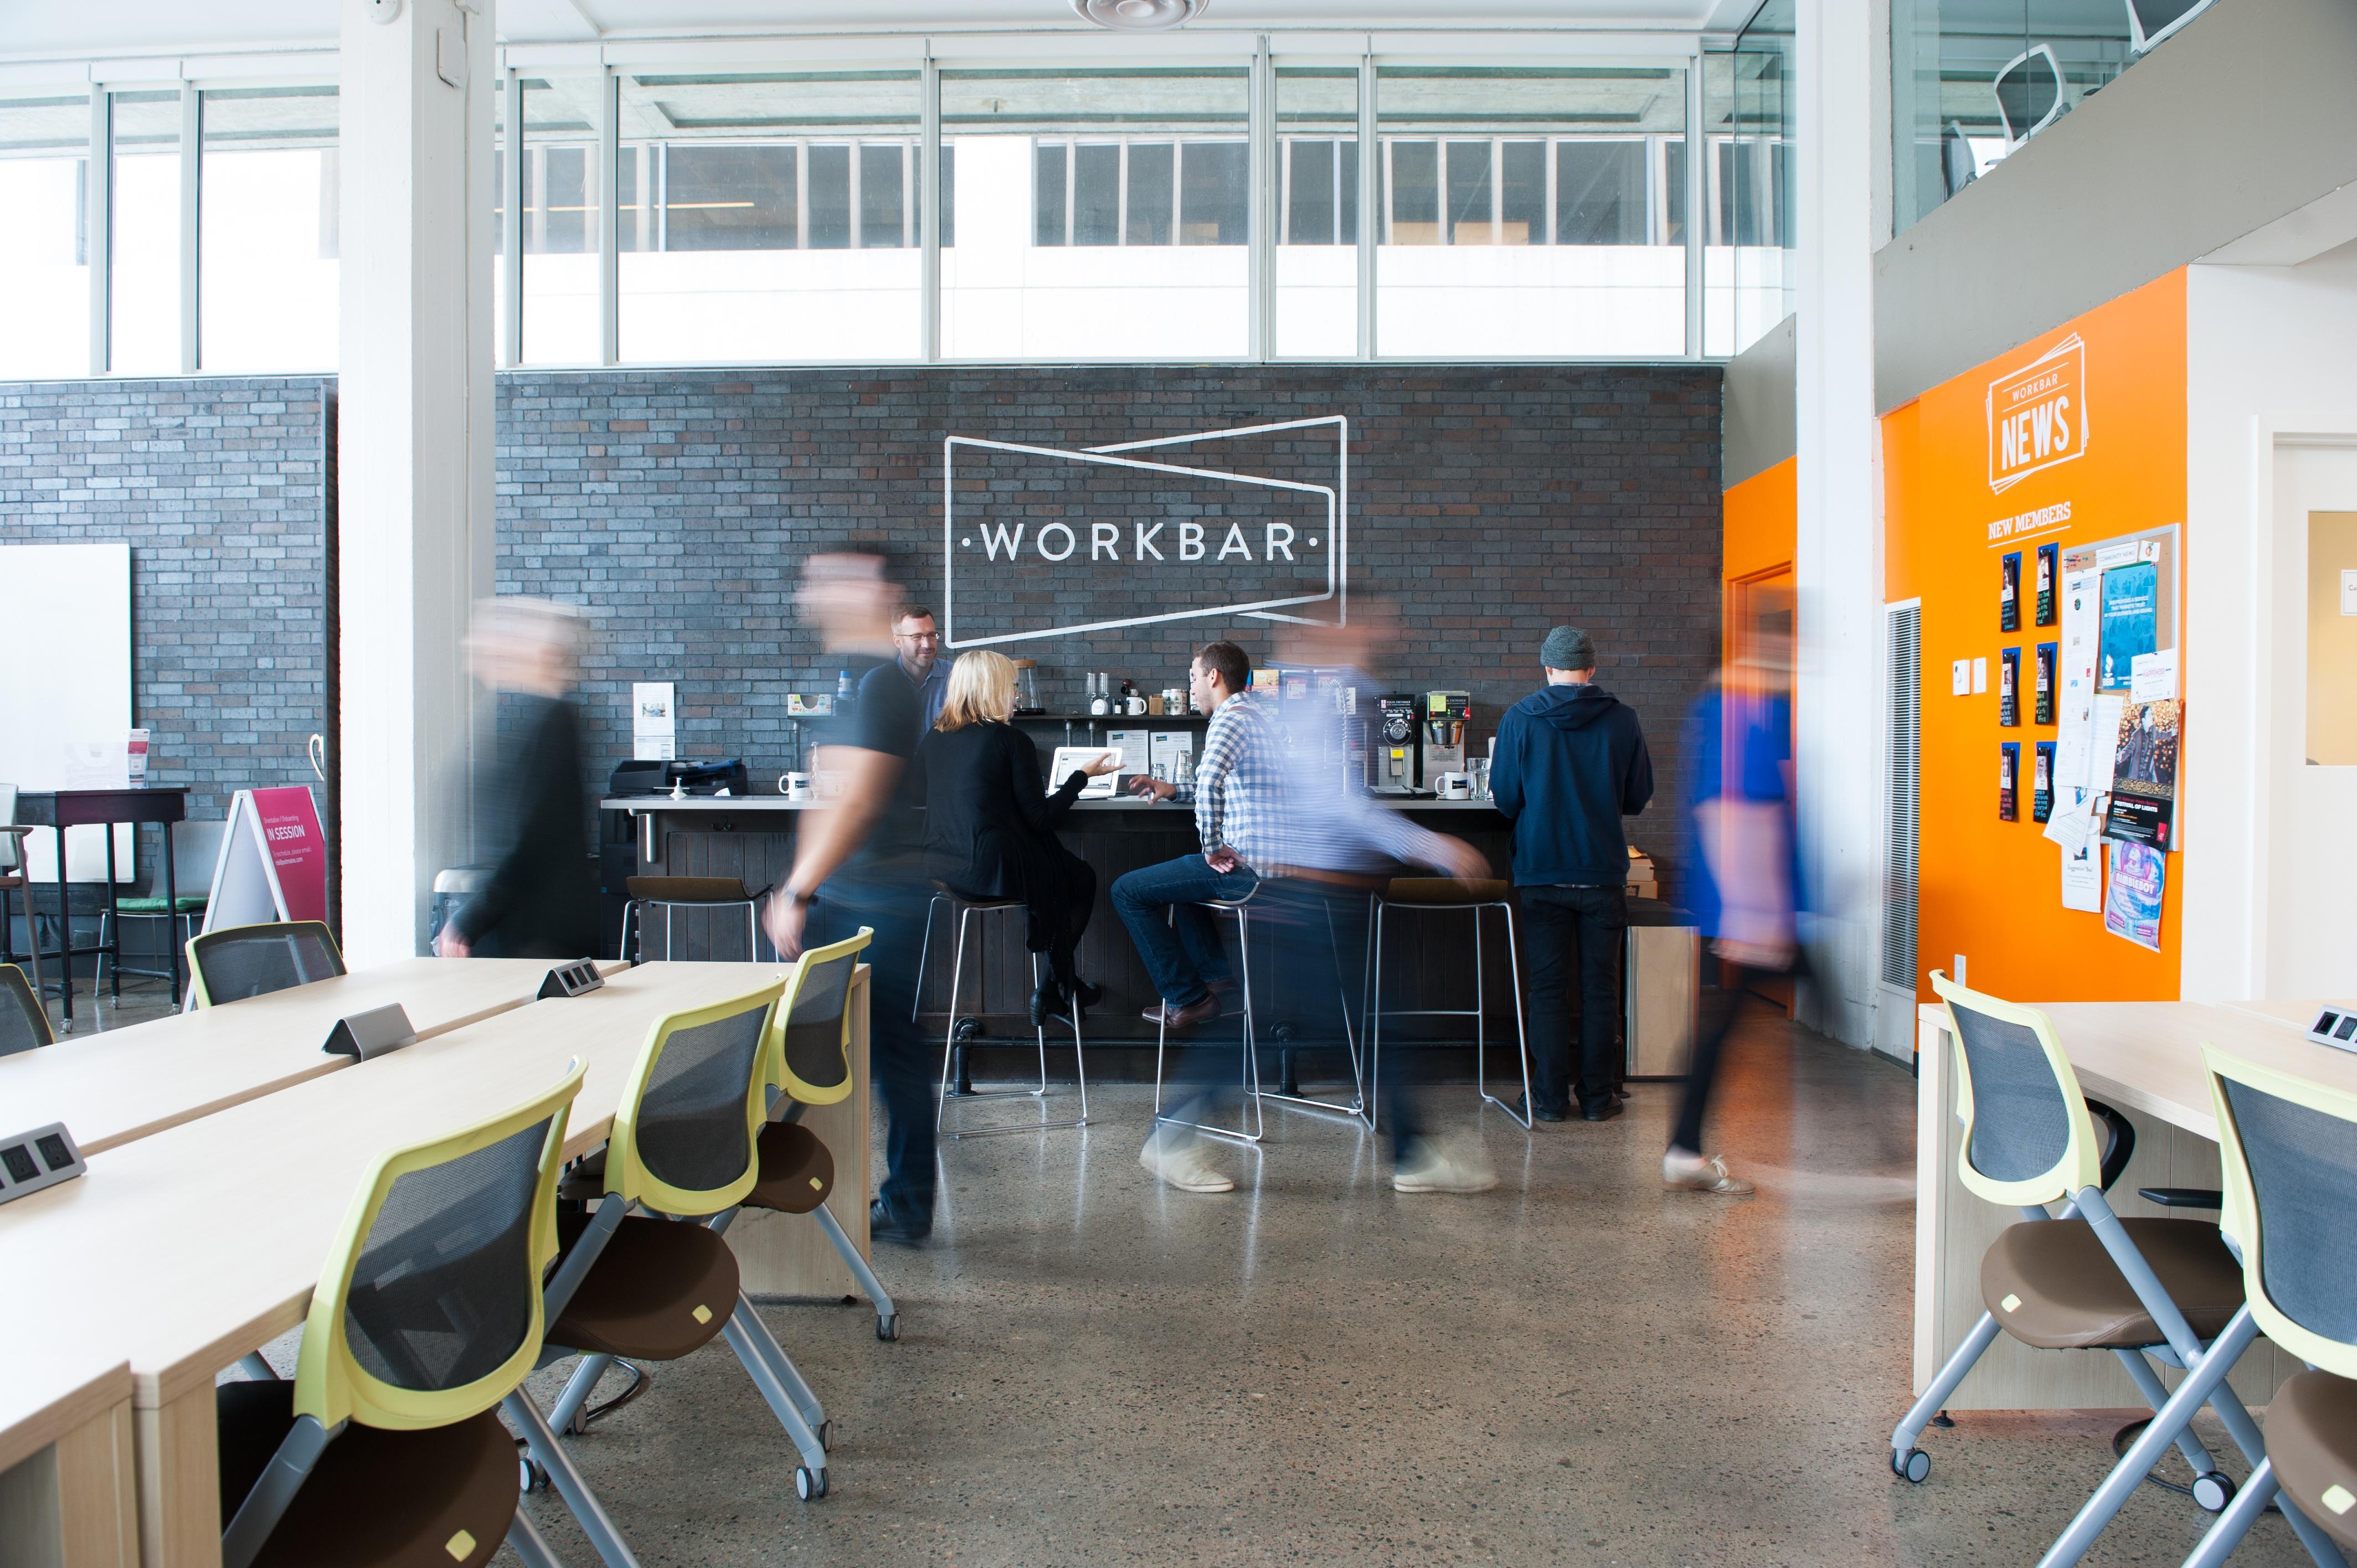 Workbar-Cambridge-Shared-Office-Space-MA-02139.jpg